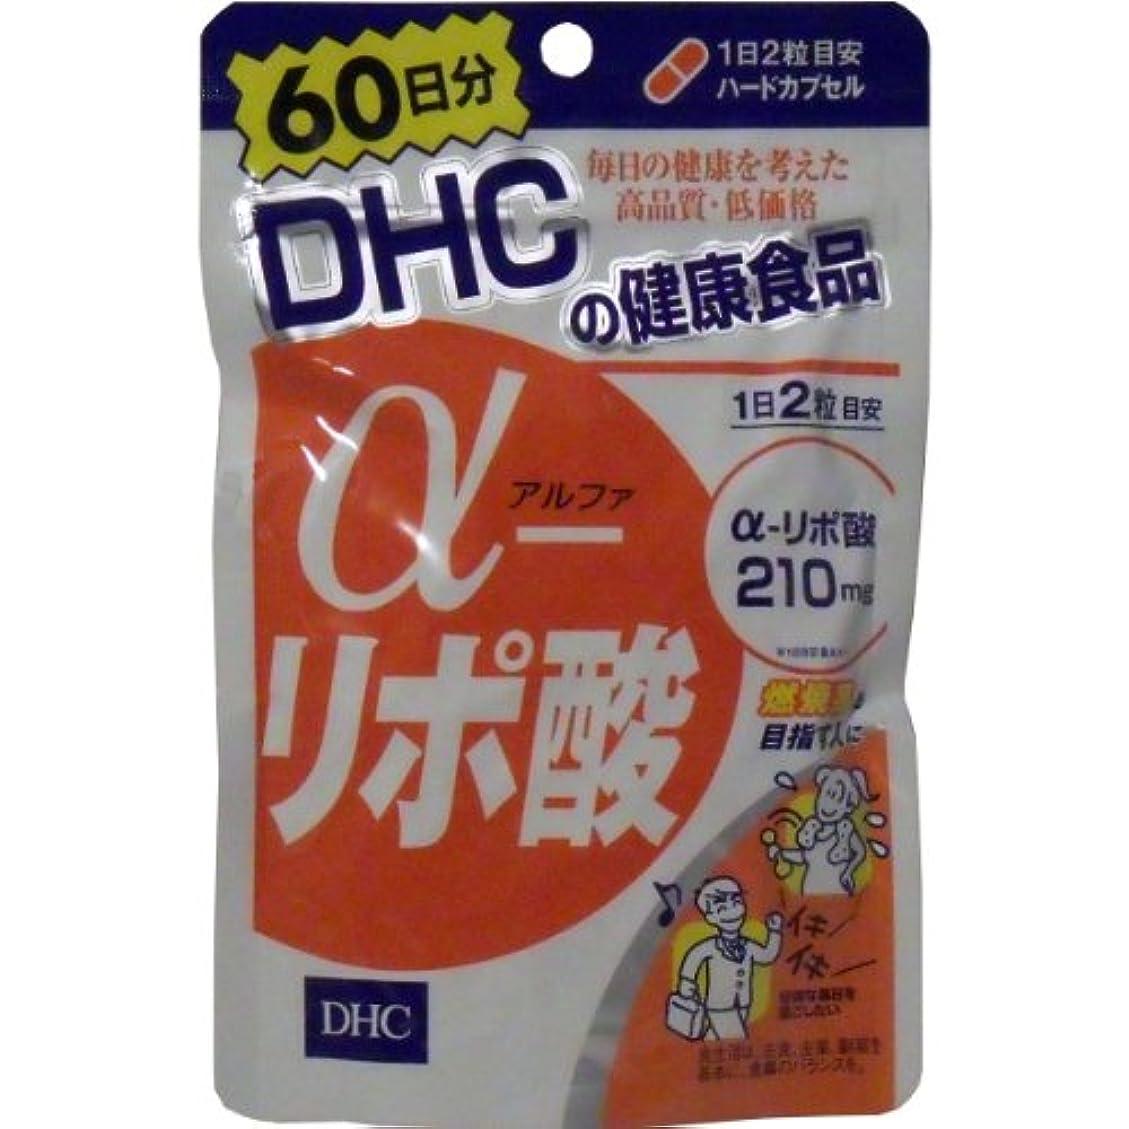 先思春期デコラティブα-リポ酸は、もともと体内にあるエネルギー活性成分。サプリメントでの効率的な補給がおすすめ!DHC120粒 60日分 【5個セット】